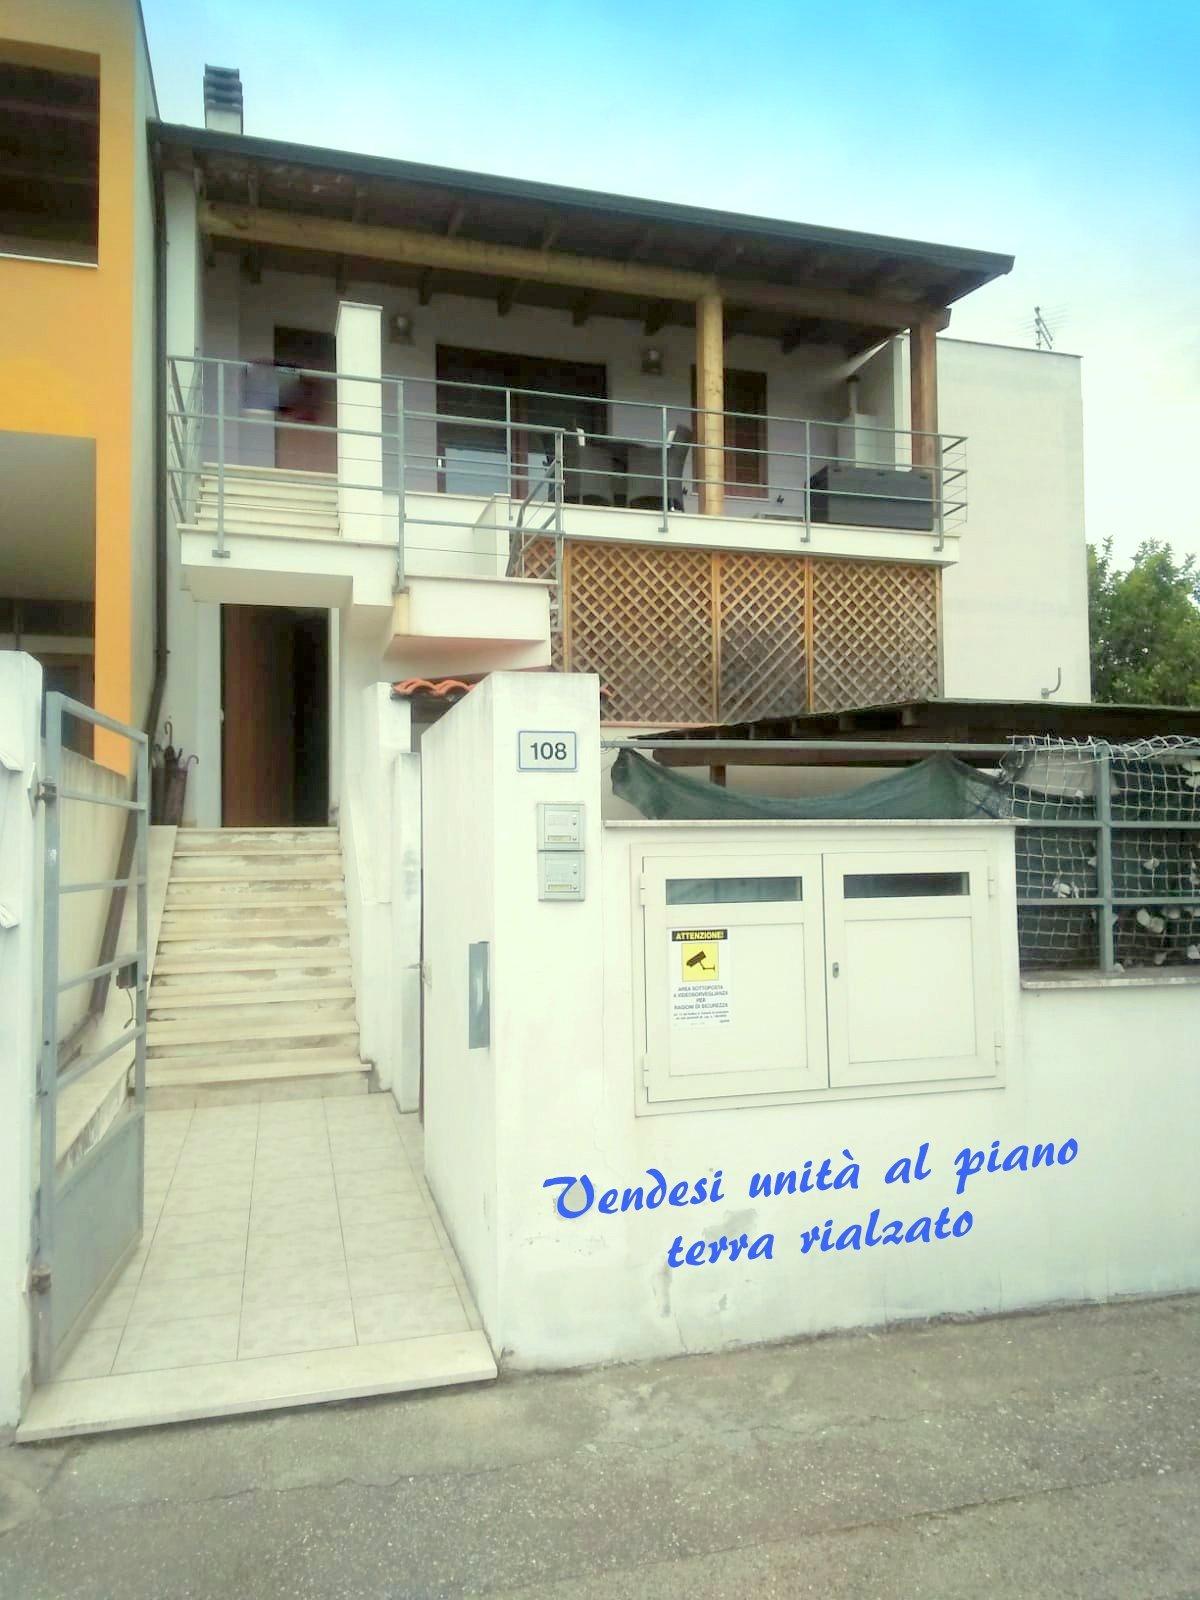 Appartamento p.t. rialzato, con veranda coperta